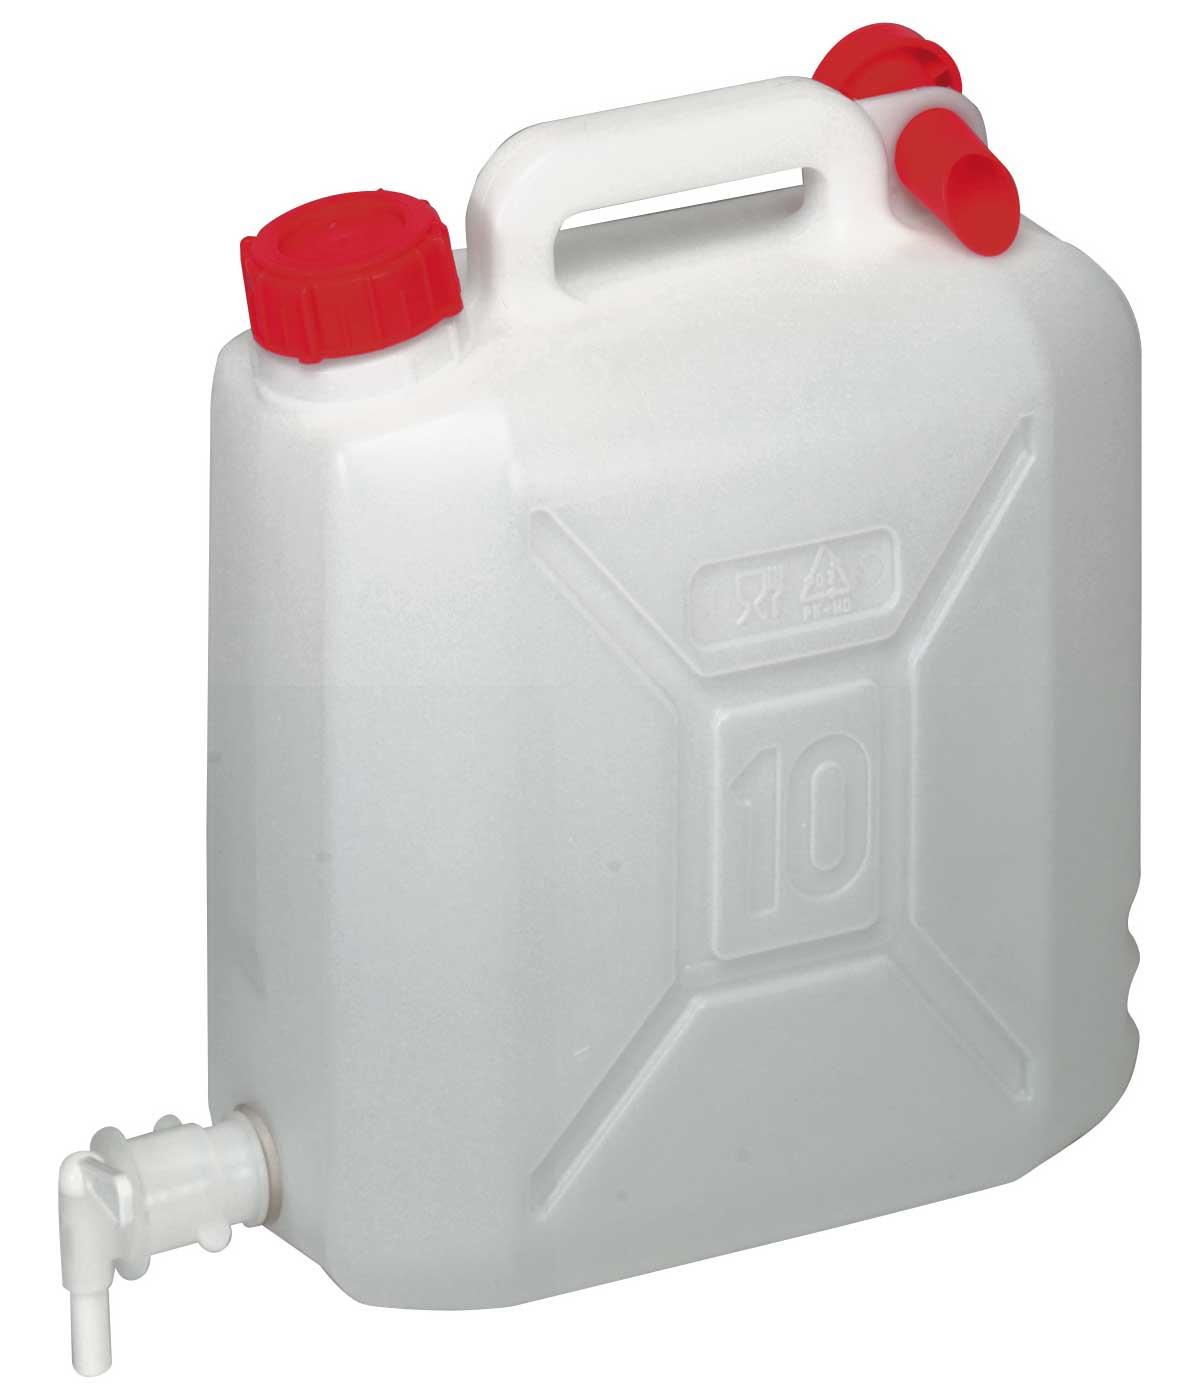 LaPlaya Wasserkanister mit Auslaufhahn 10 Liter Bild 1